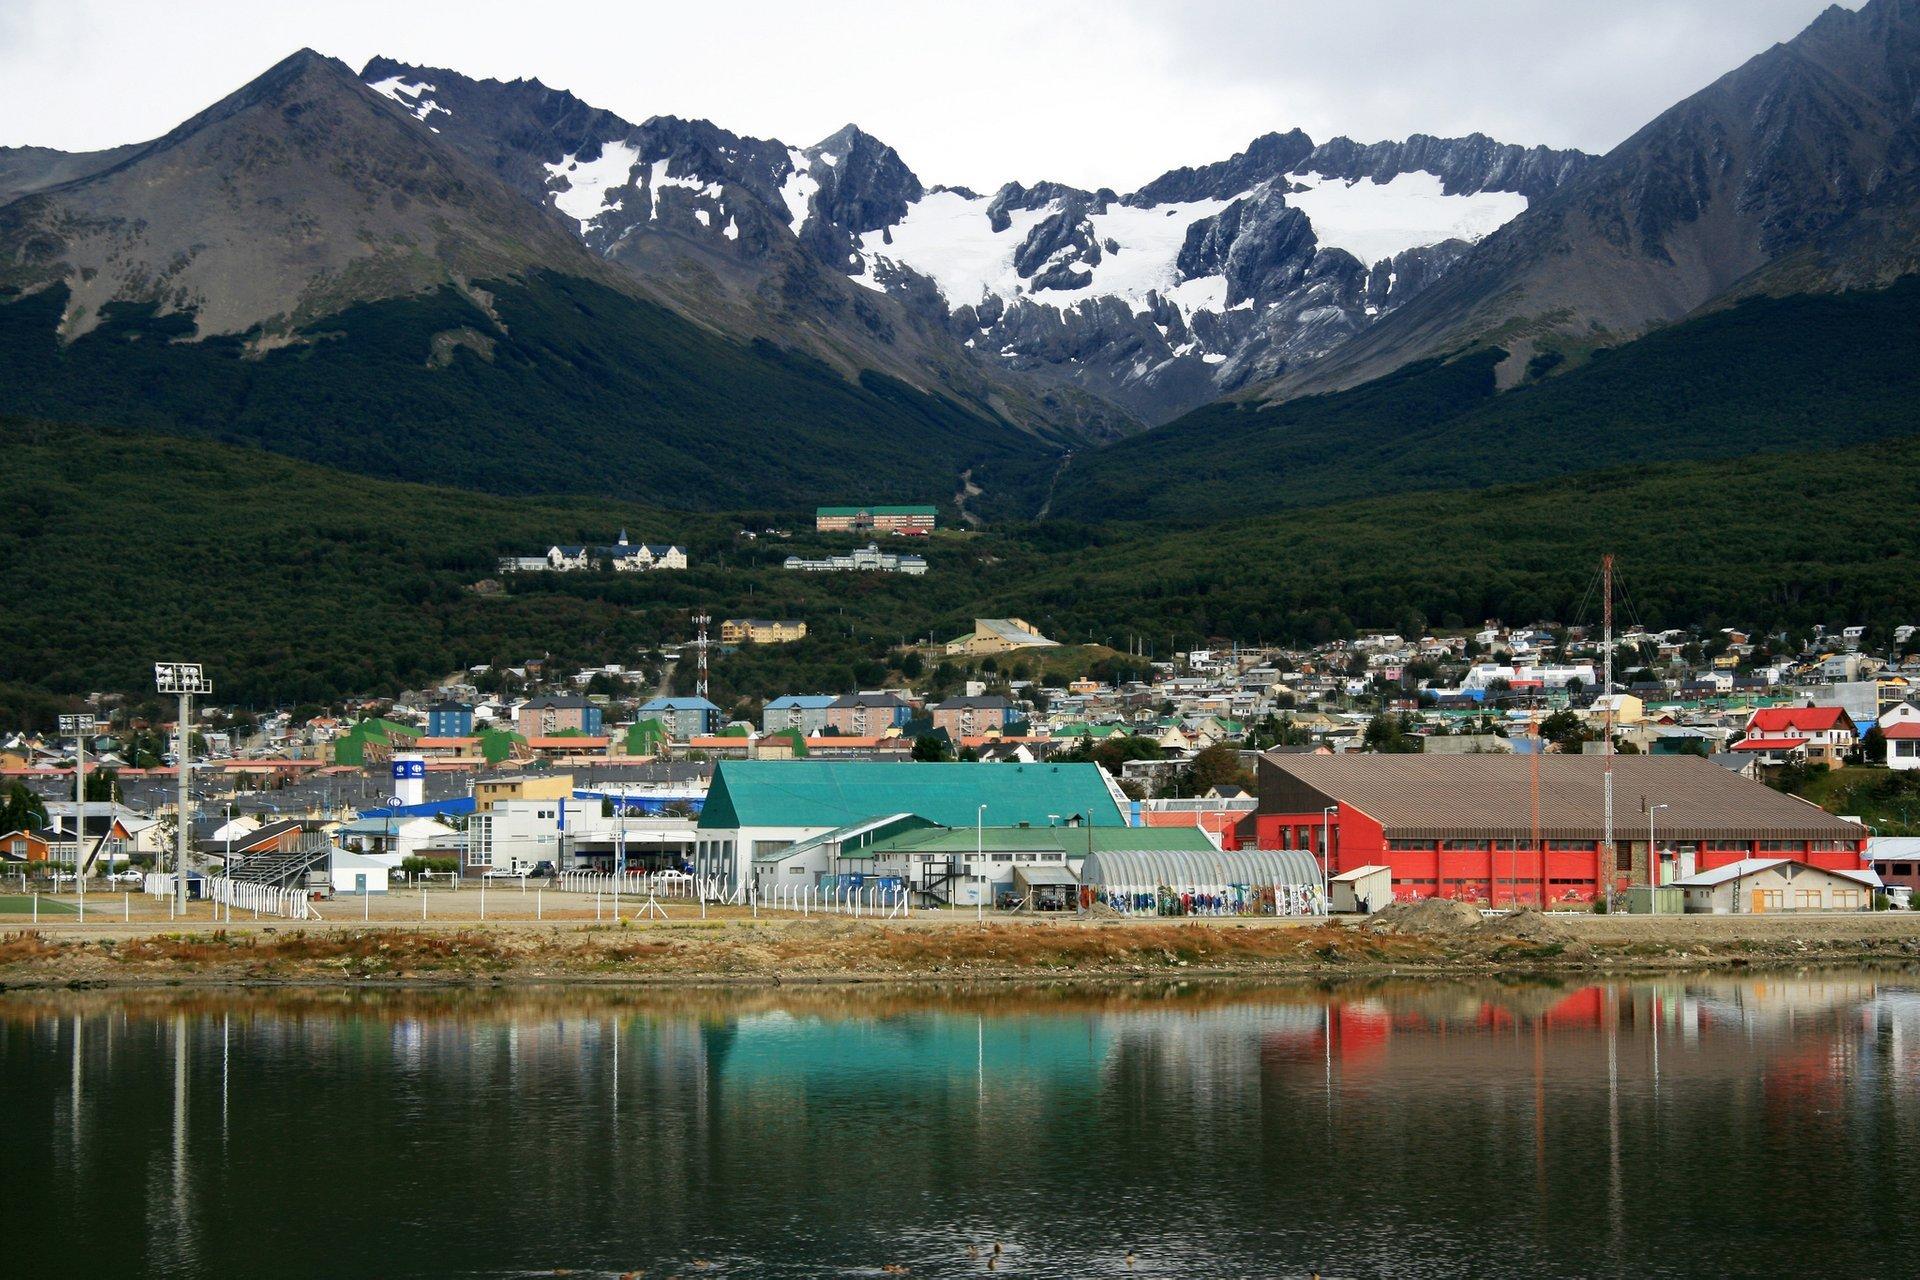 Tierra del Fuego. The city of Ushuaia. 2020